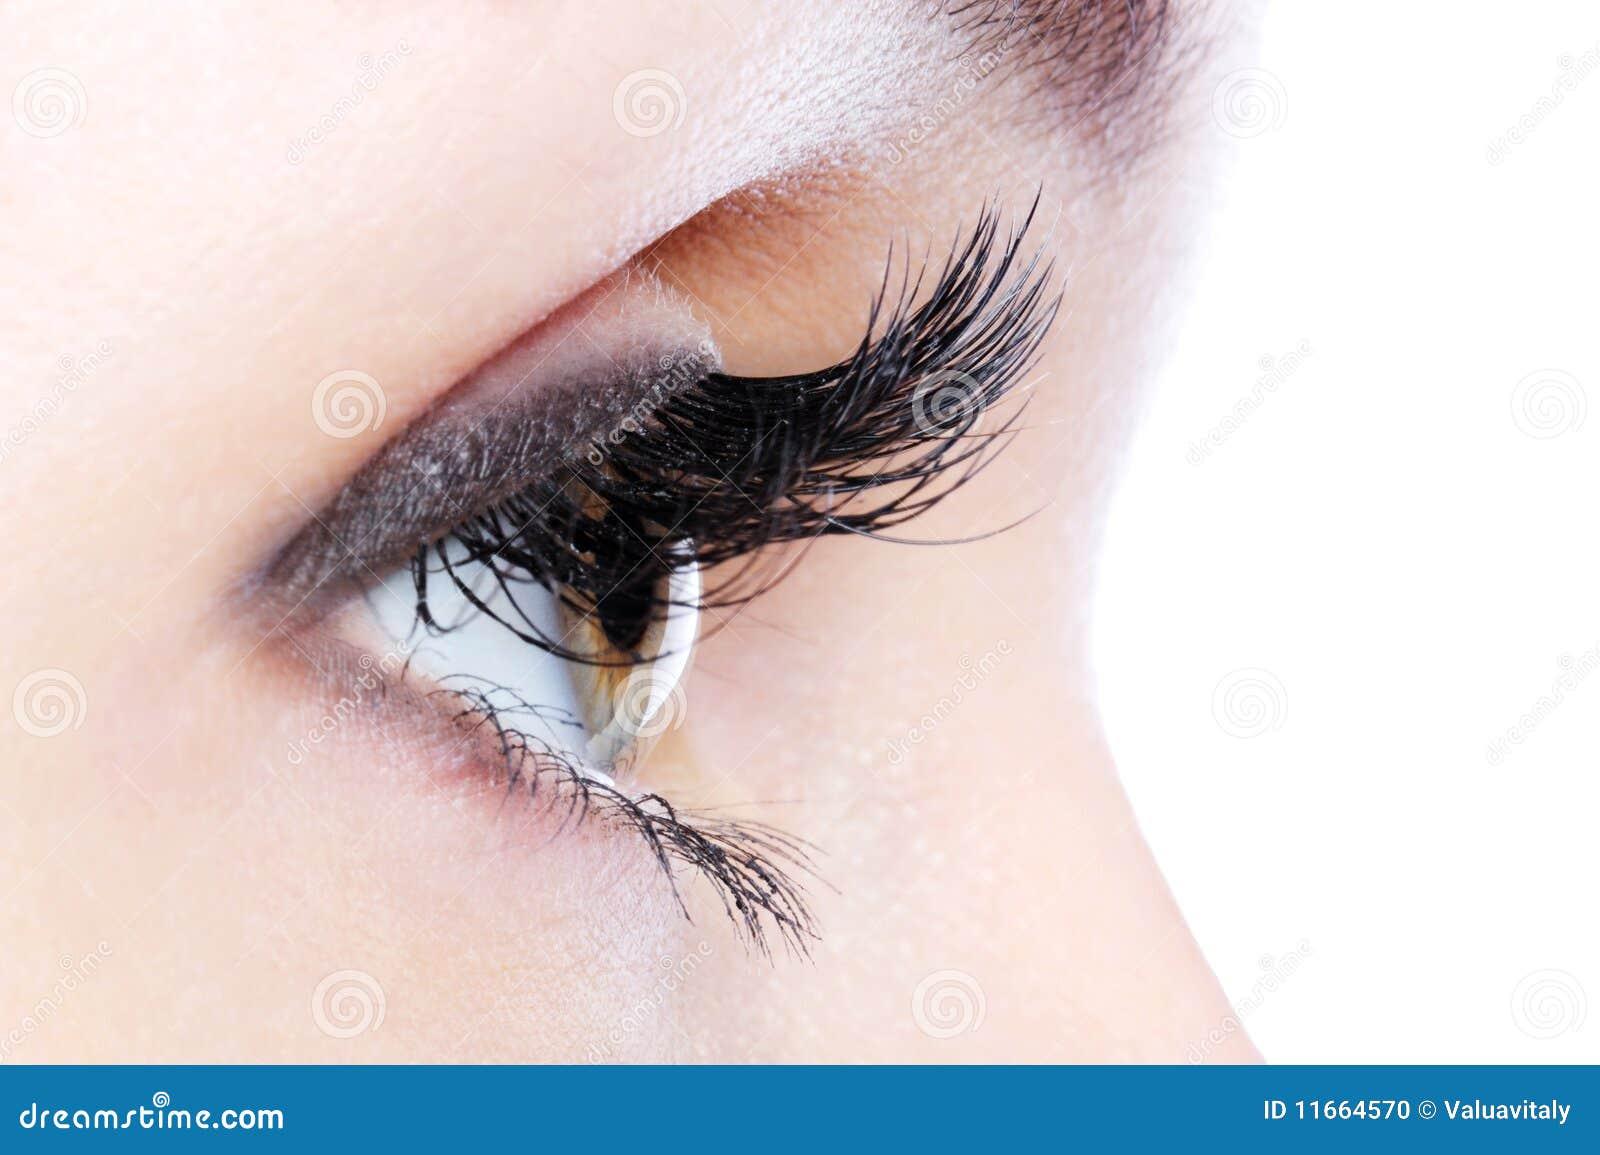 Eye With A Long Curl False Eyelashes Stock Photo - Image